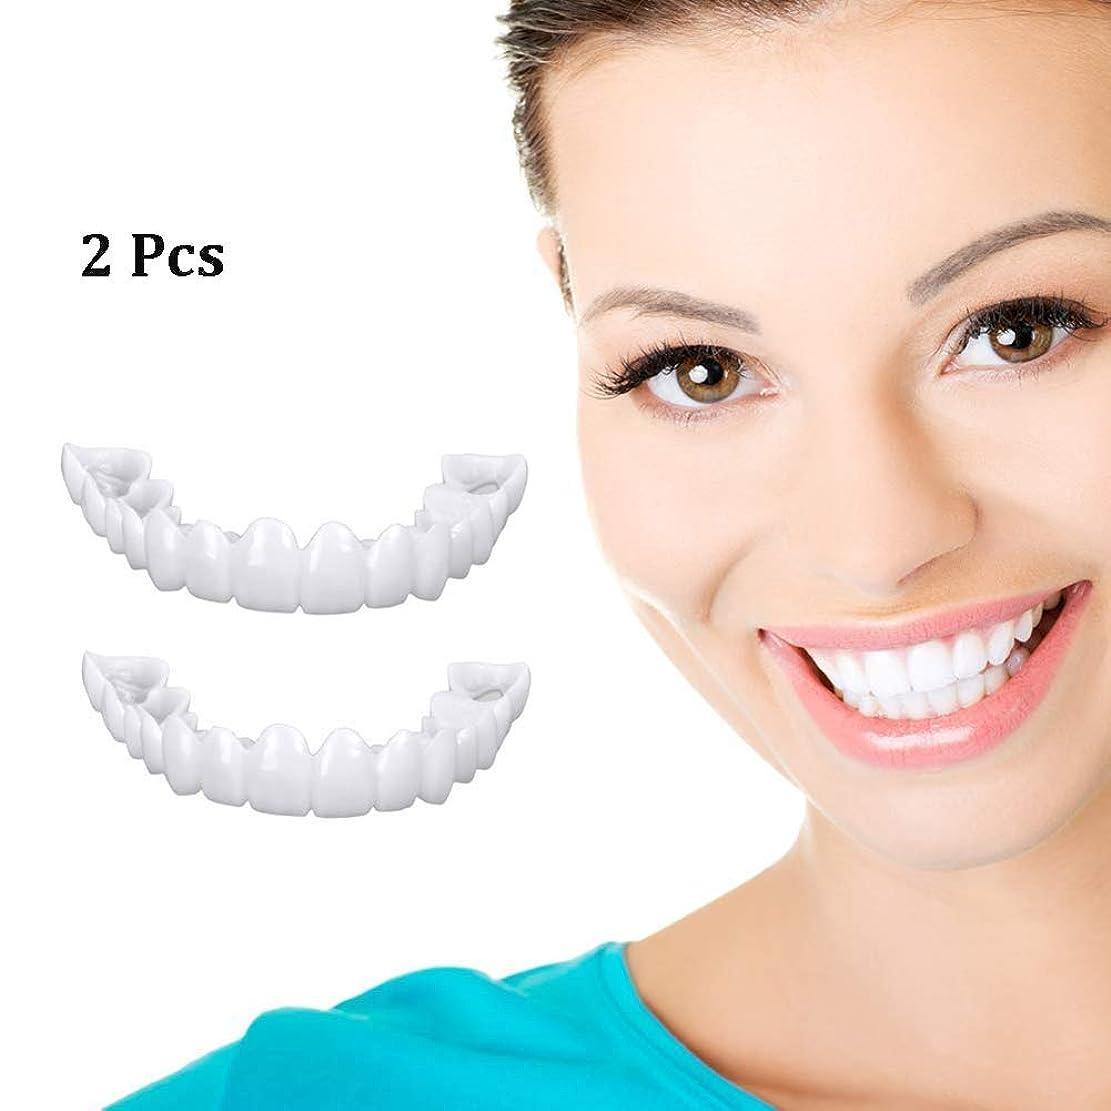 用語集マインドありそう義歯フィットフレックス化粧品歯快適なベニヤカバー歯科ケアアクセサリーボックス付きホワイトニングで数分で完璧な笑顔で2ピース再利用可能なスナップ